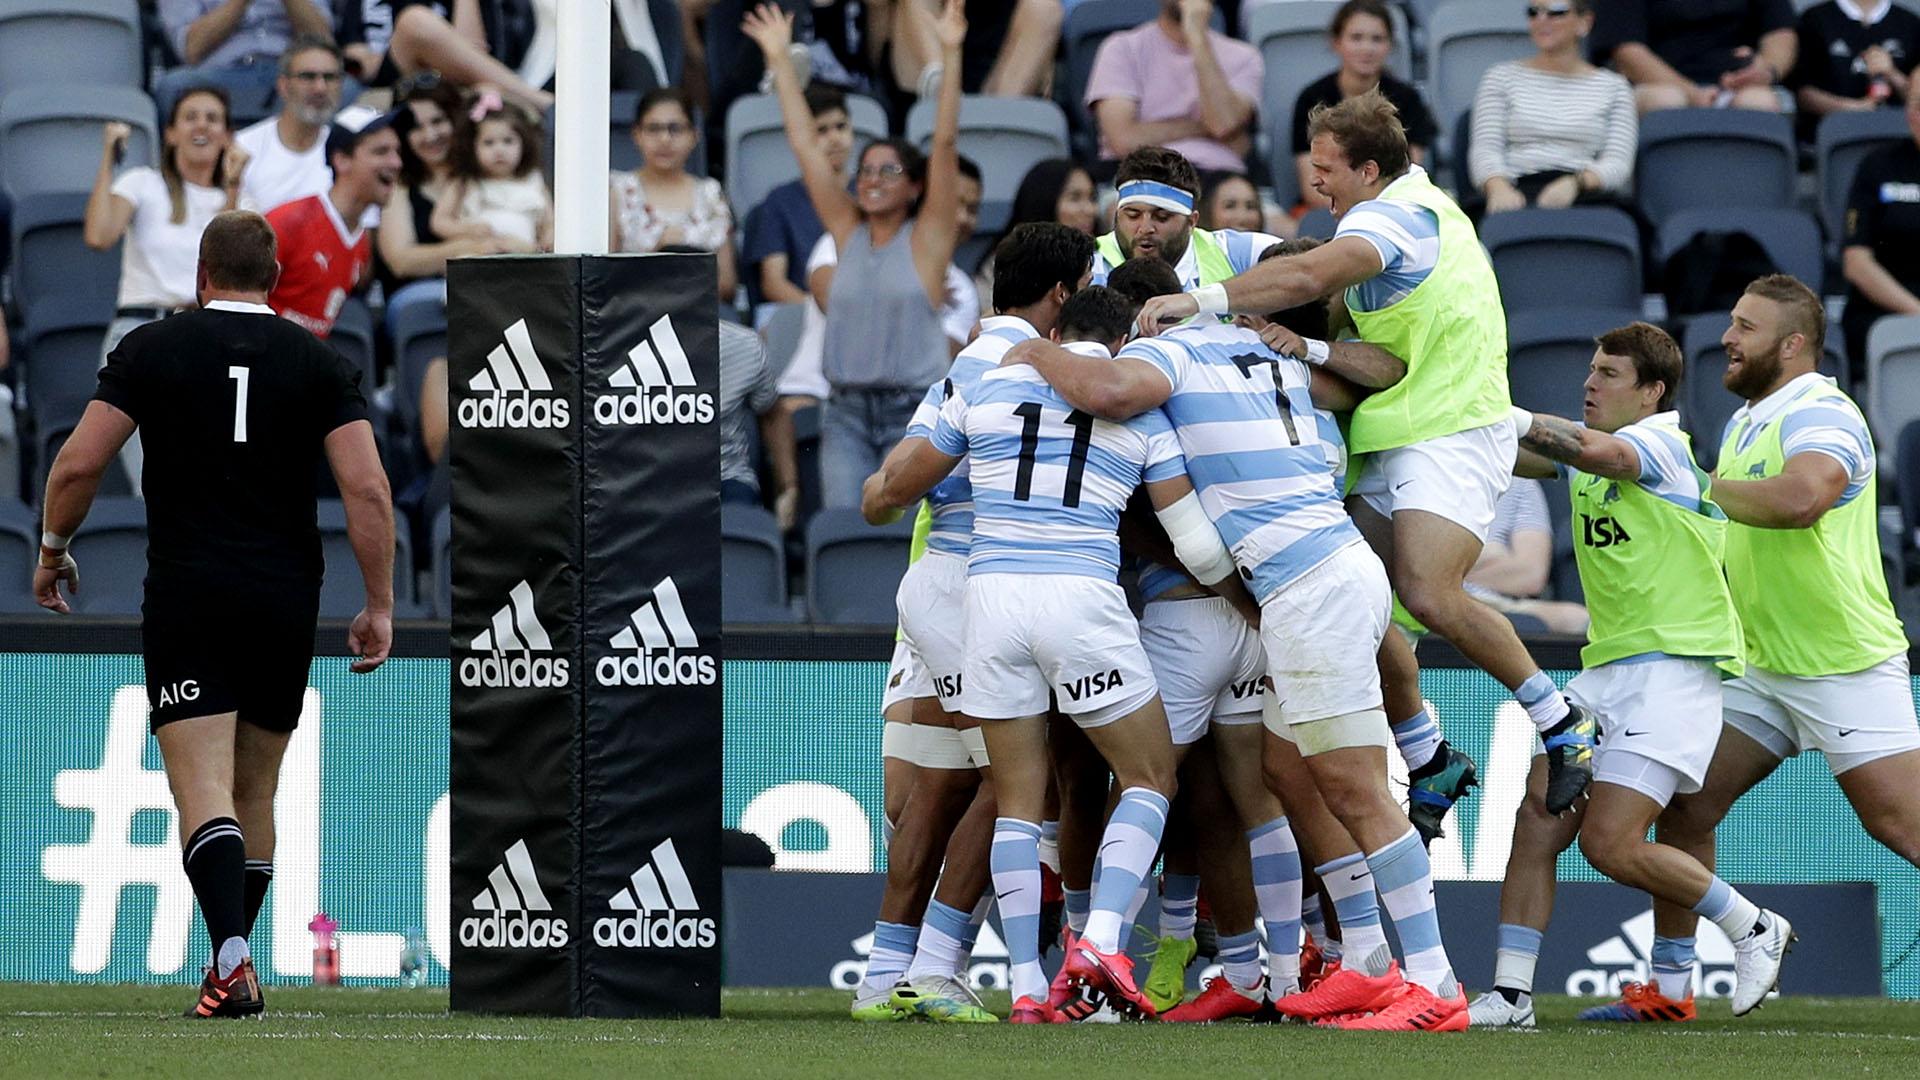 Los Pumas vencieron por primera vez en la historia a los All Blacks (AP Photo/Rick Rycroft)